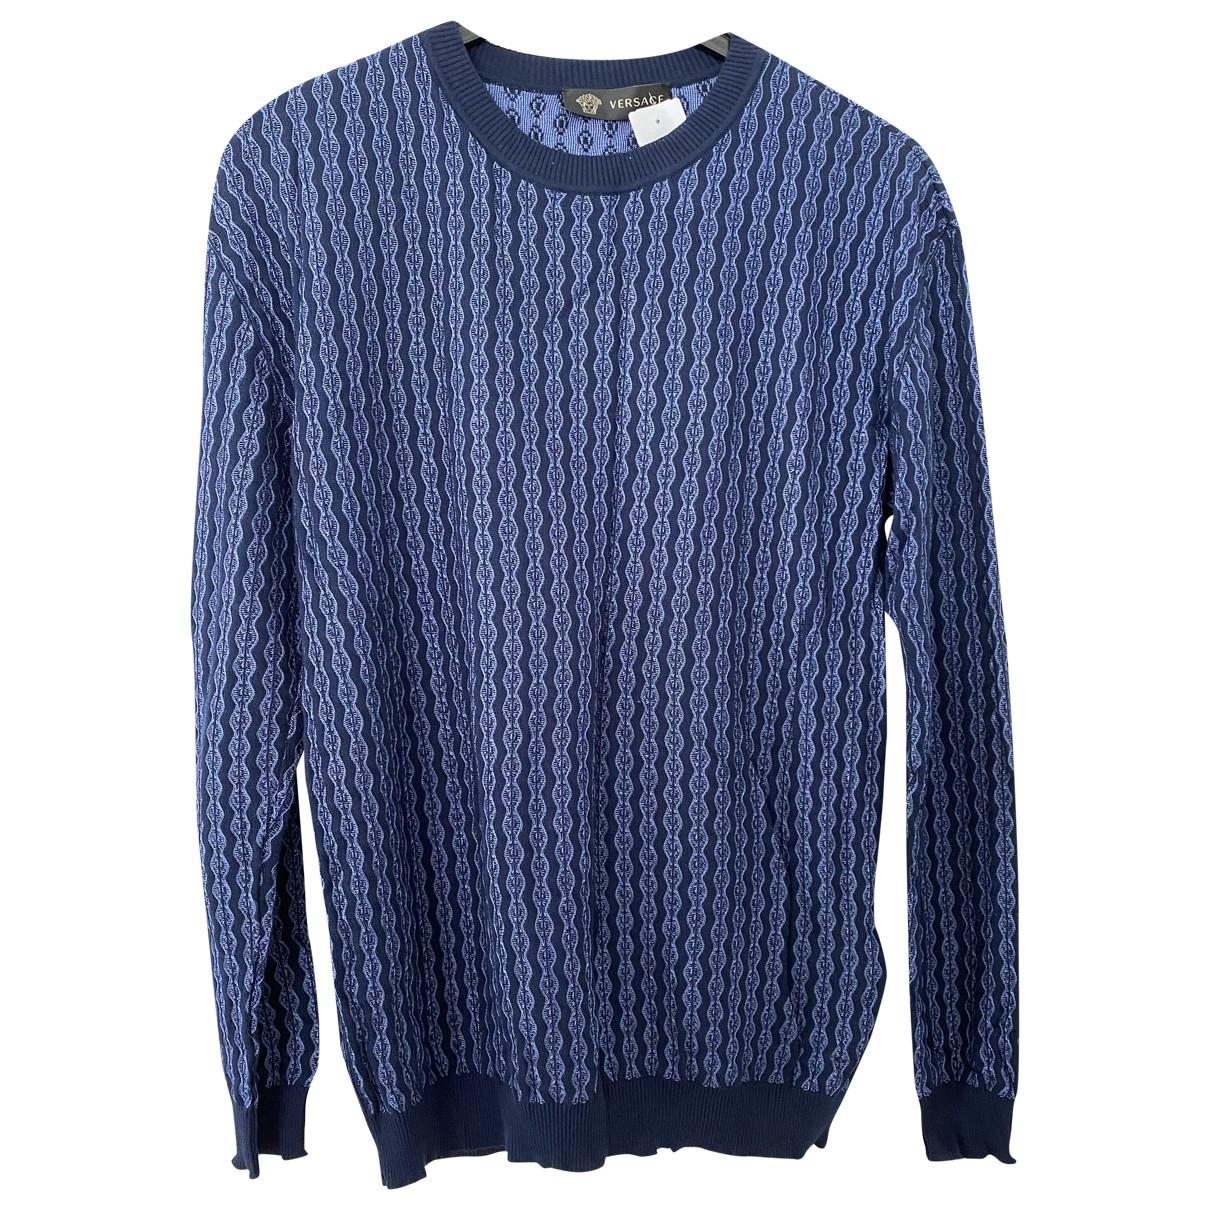 Versace - Pulls.Gilets.Sweats   pour homme - bleu